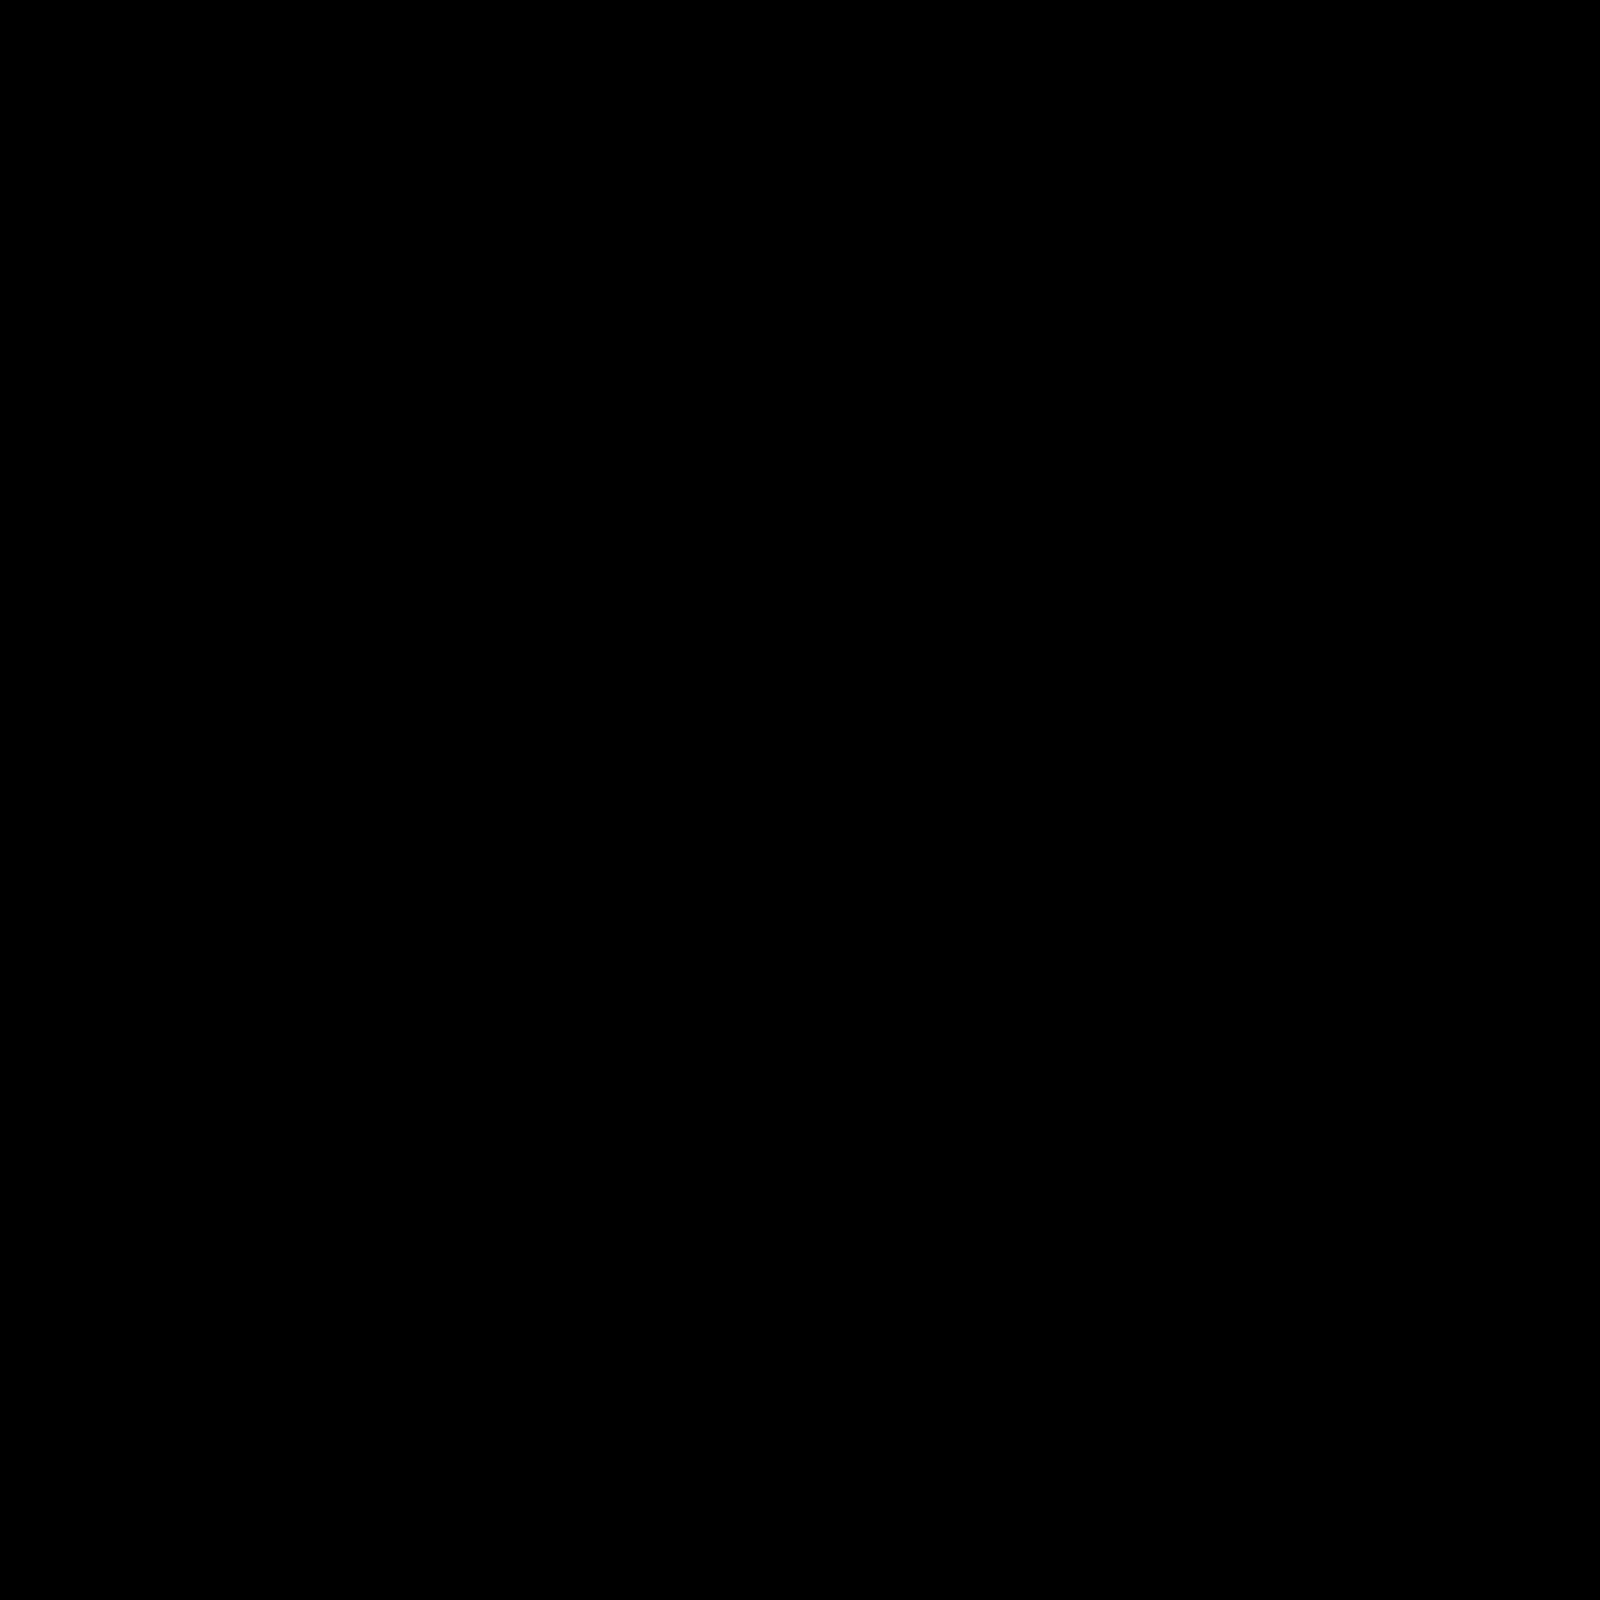 Ciasteczko icon